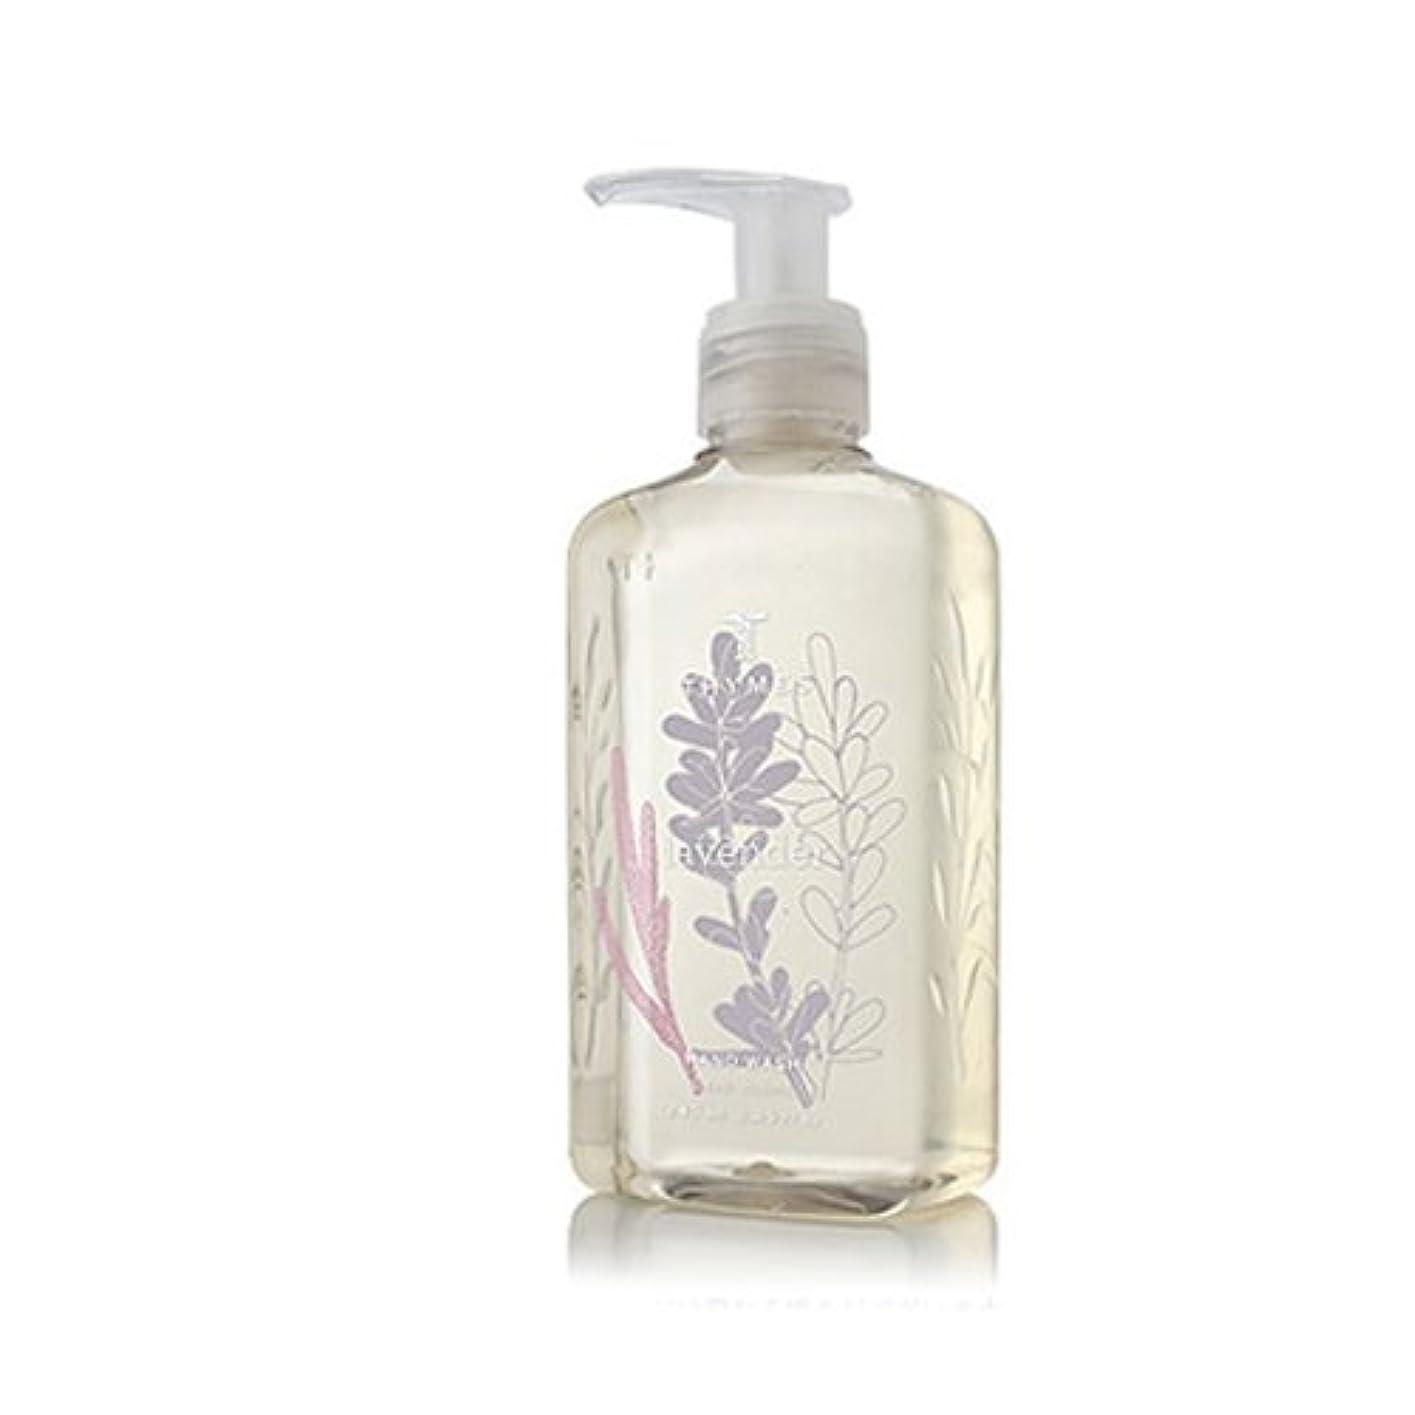 下着重要性構成員THYMES タイムズ ハンドウォッシュ 240ml ラベンダー Hand Wash 8.25 fl oz Lavender [並行輸入品]